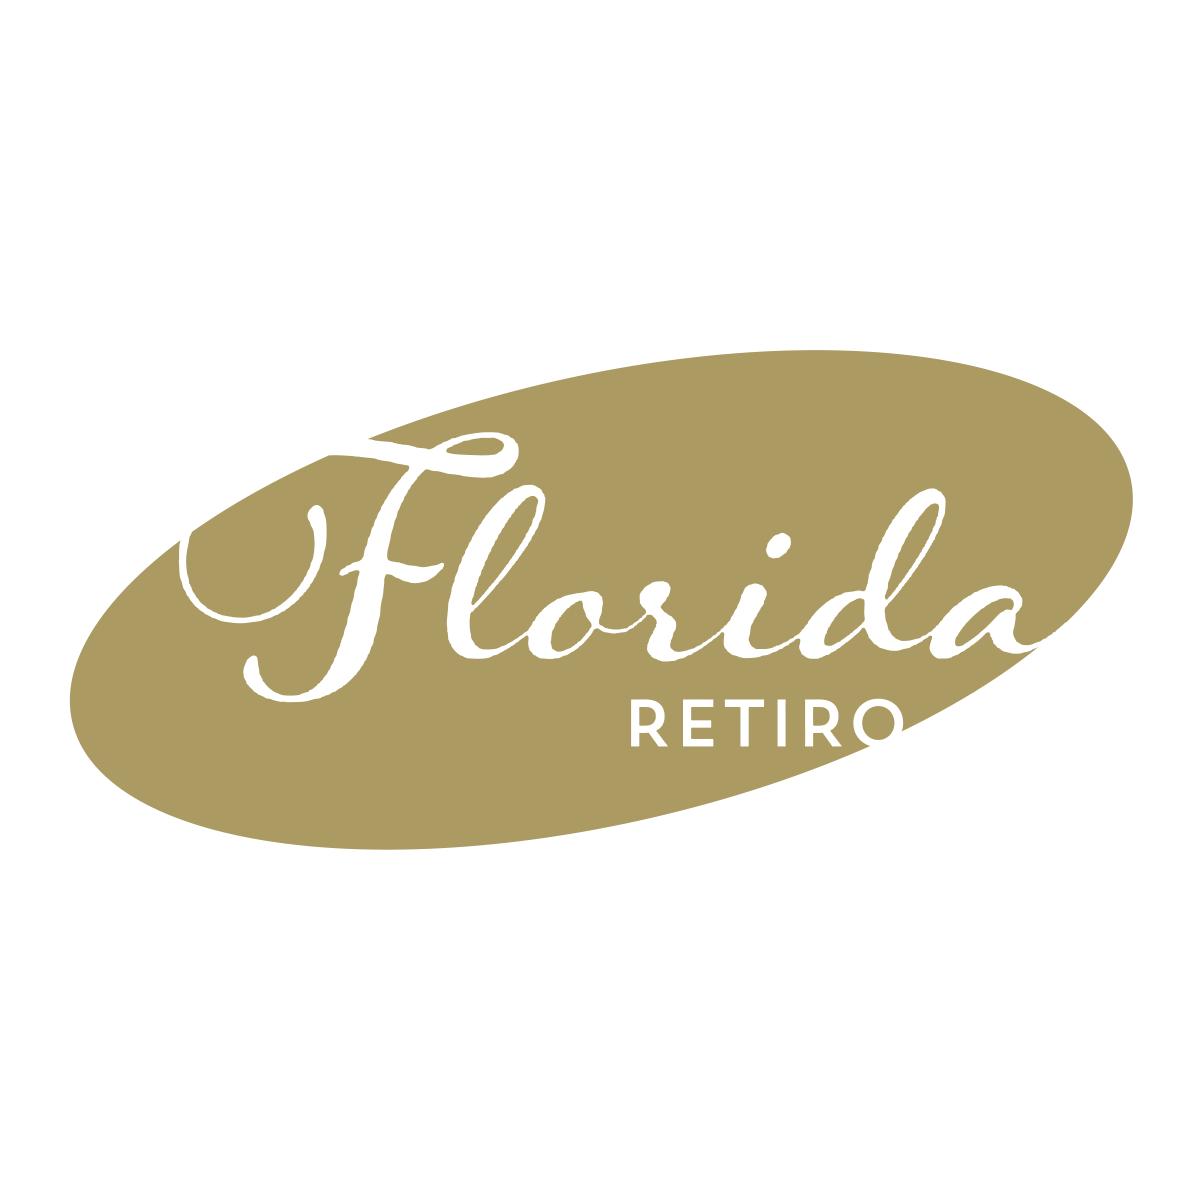 La Galería de Florida Retiro